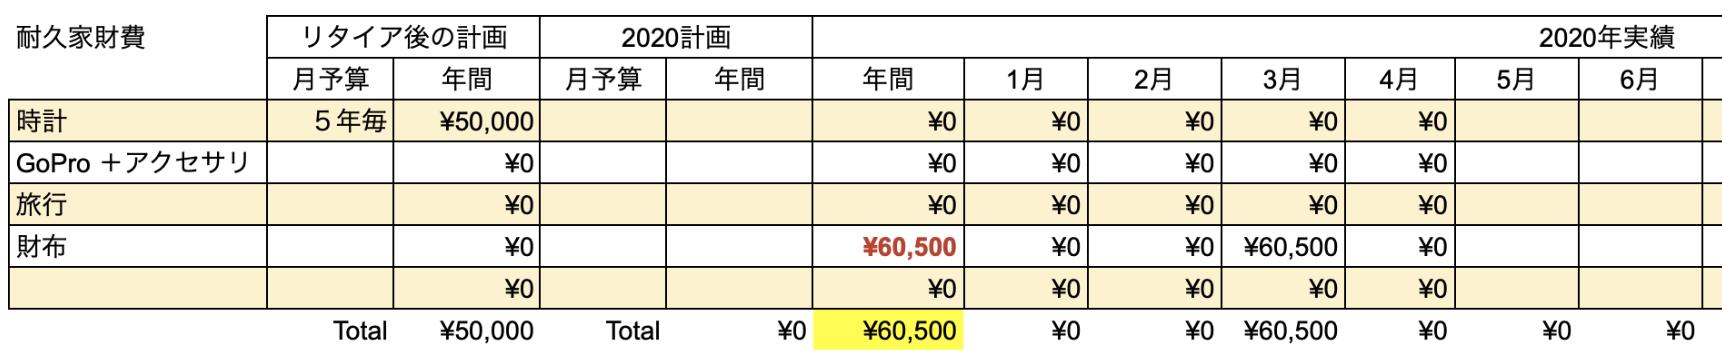 支出実績2020_04月_耐久家財費